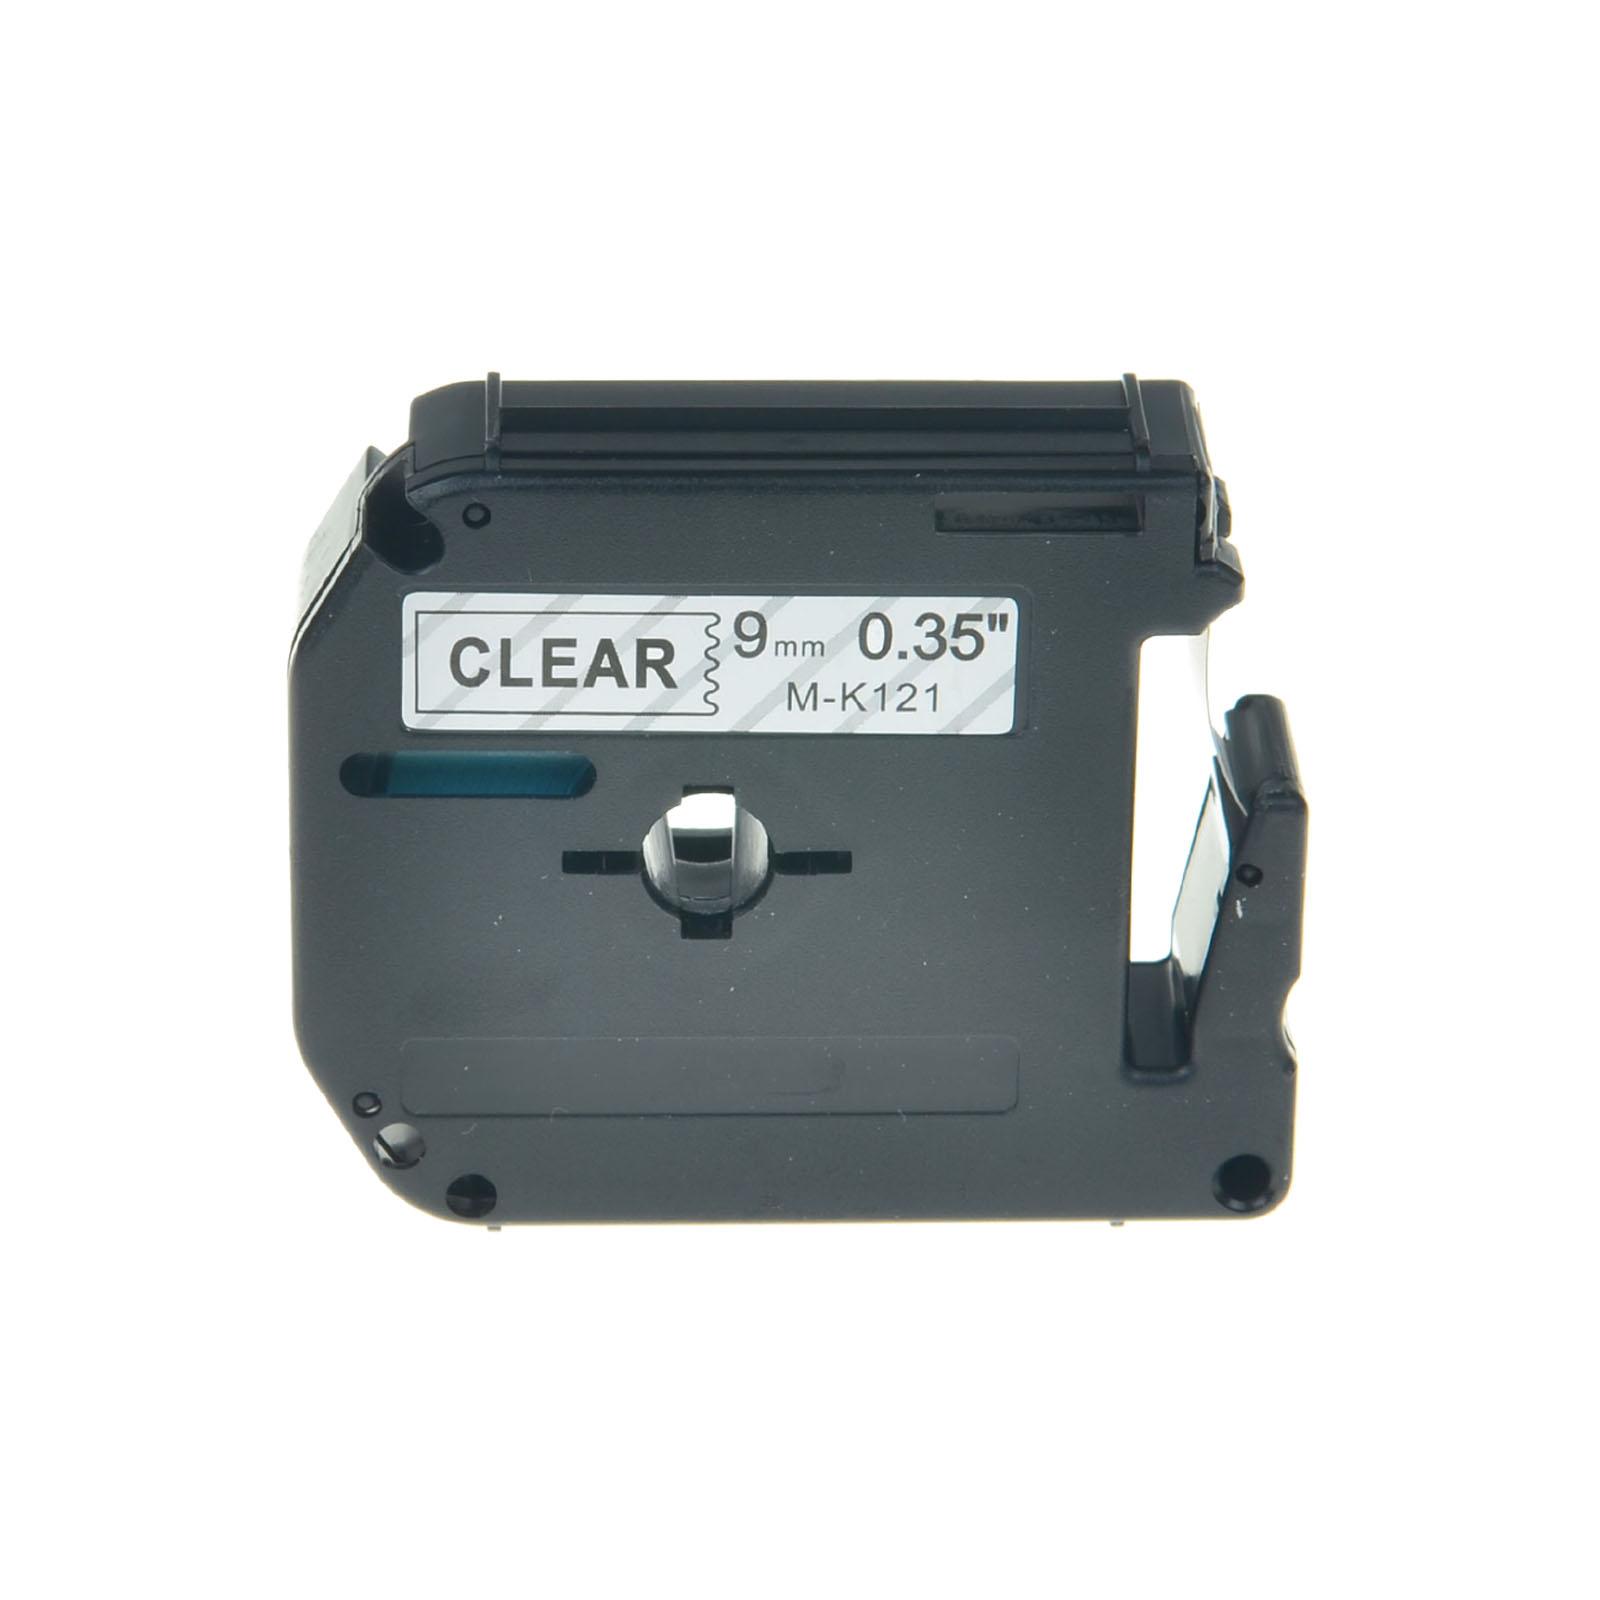 MK121 M-K12 Black on Clear Label Tape For Brother PT-70 PT-85 PT-90